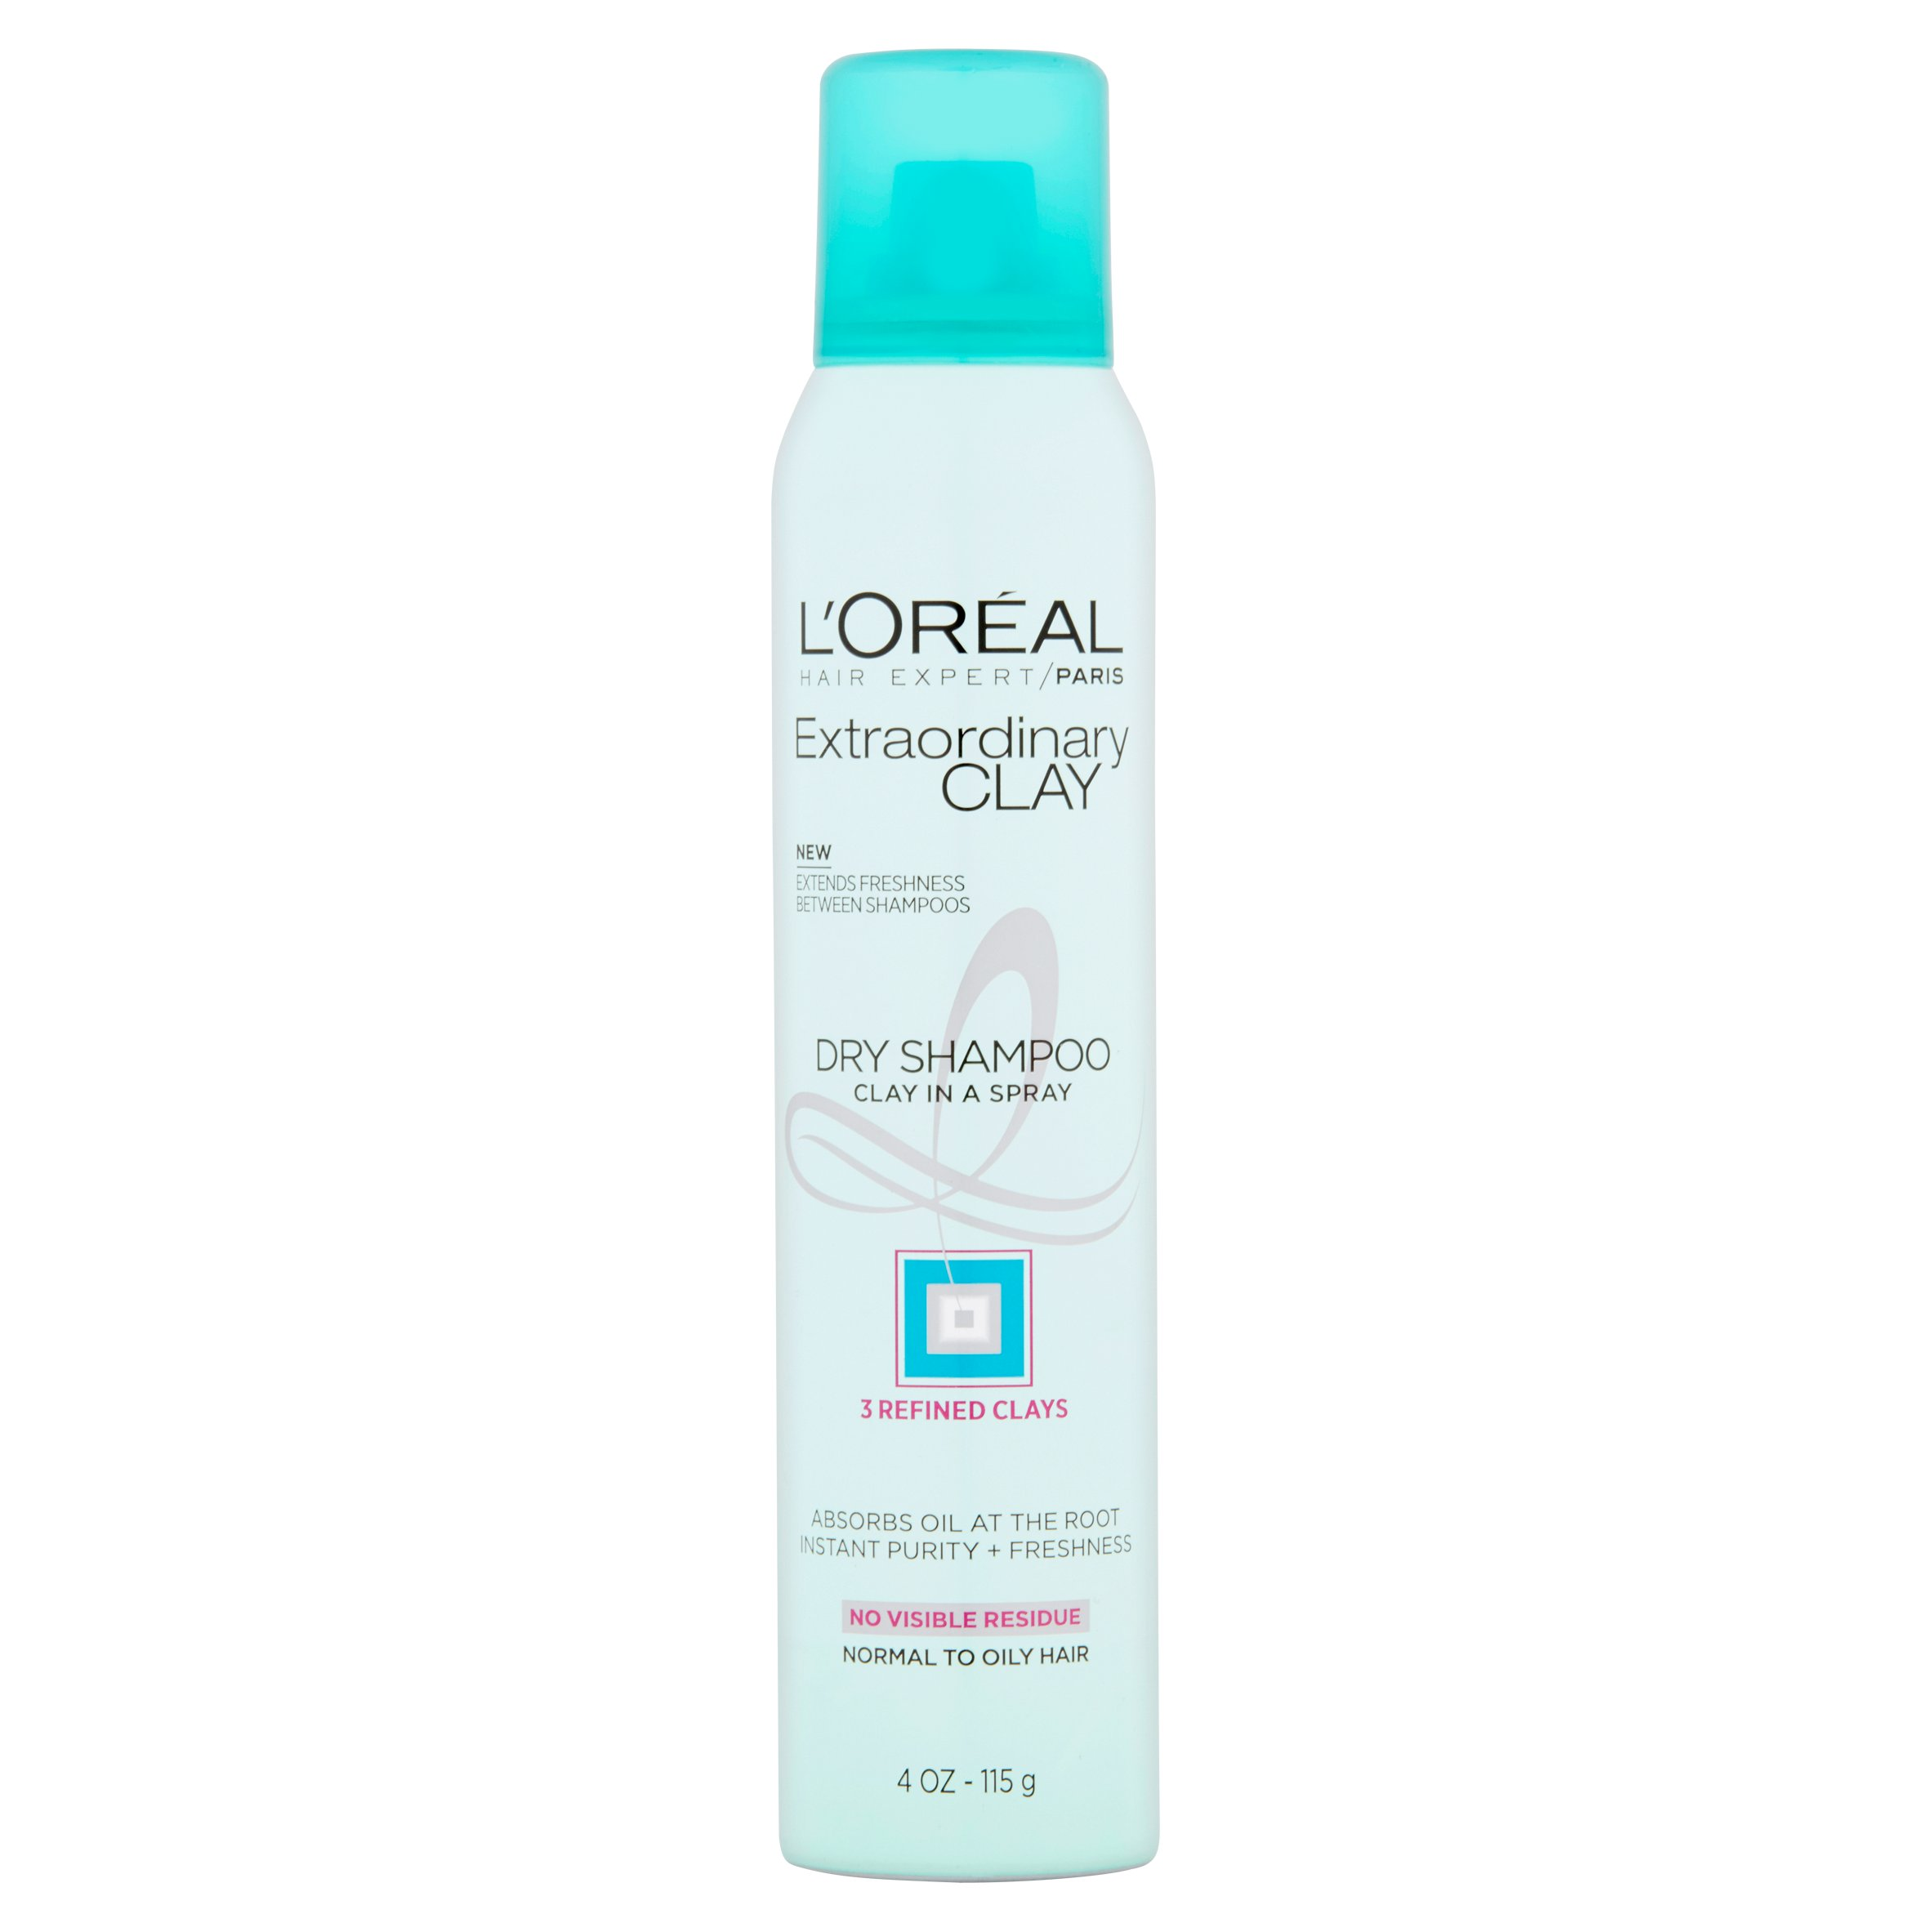 L'Oreal Paris Hair Expert Extraordinary Clay Dry Shampoo, 4 oz - Walmart.com